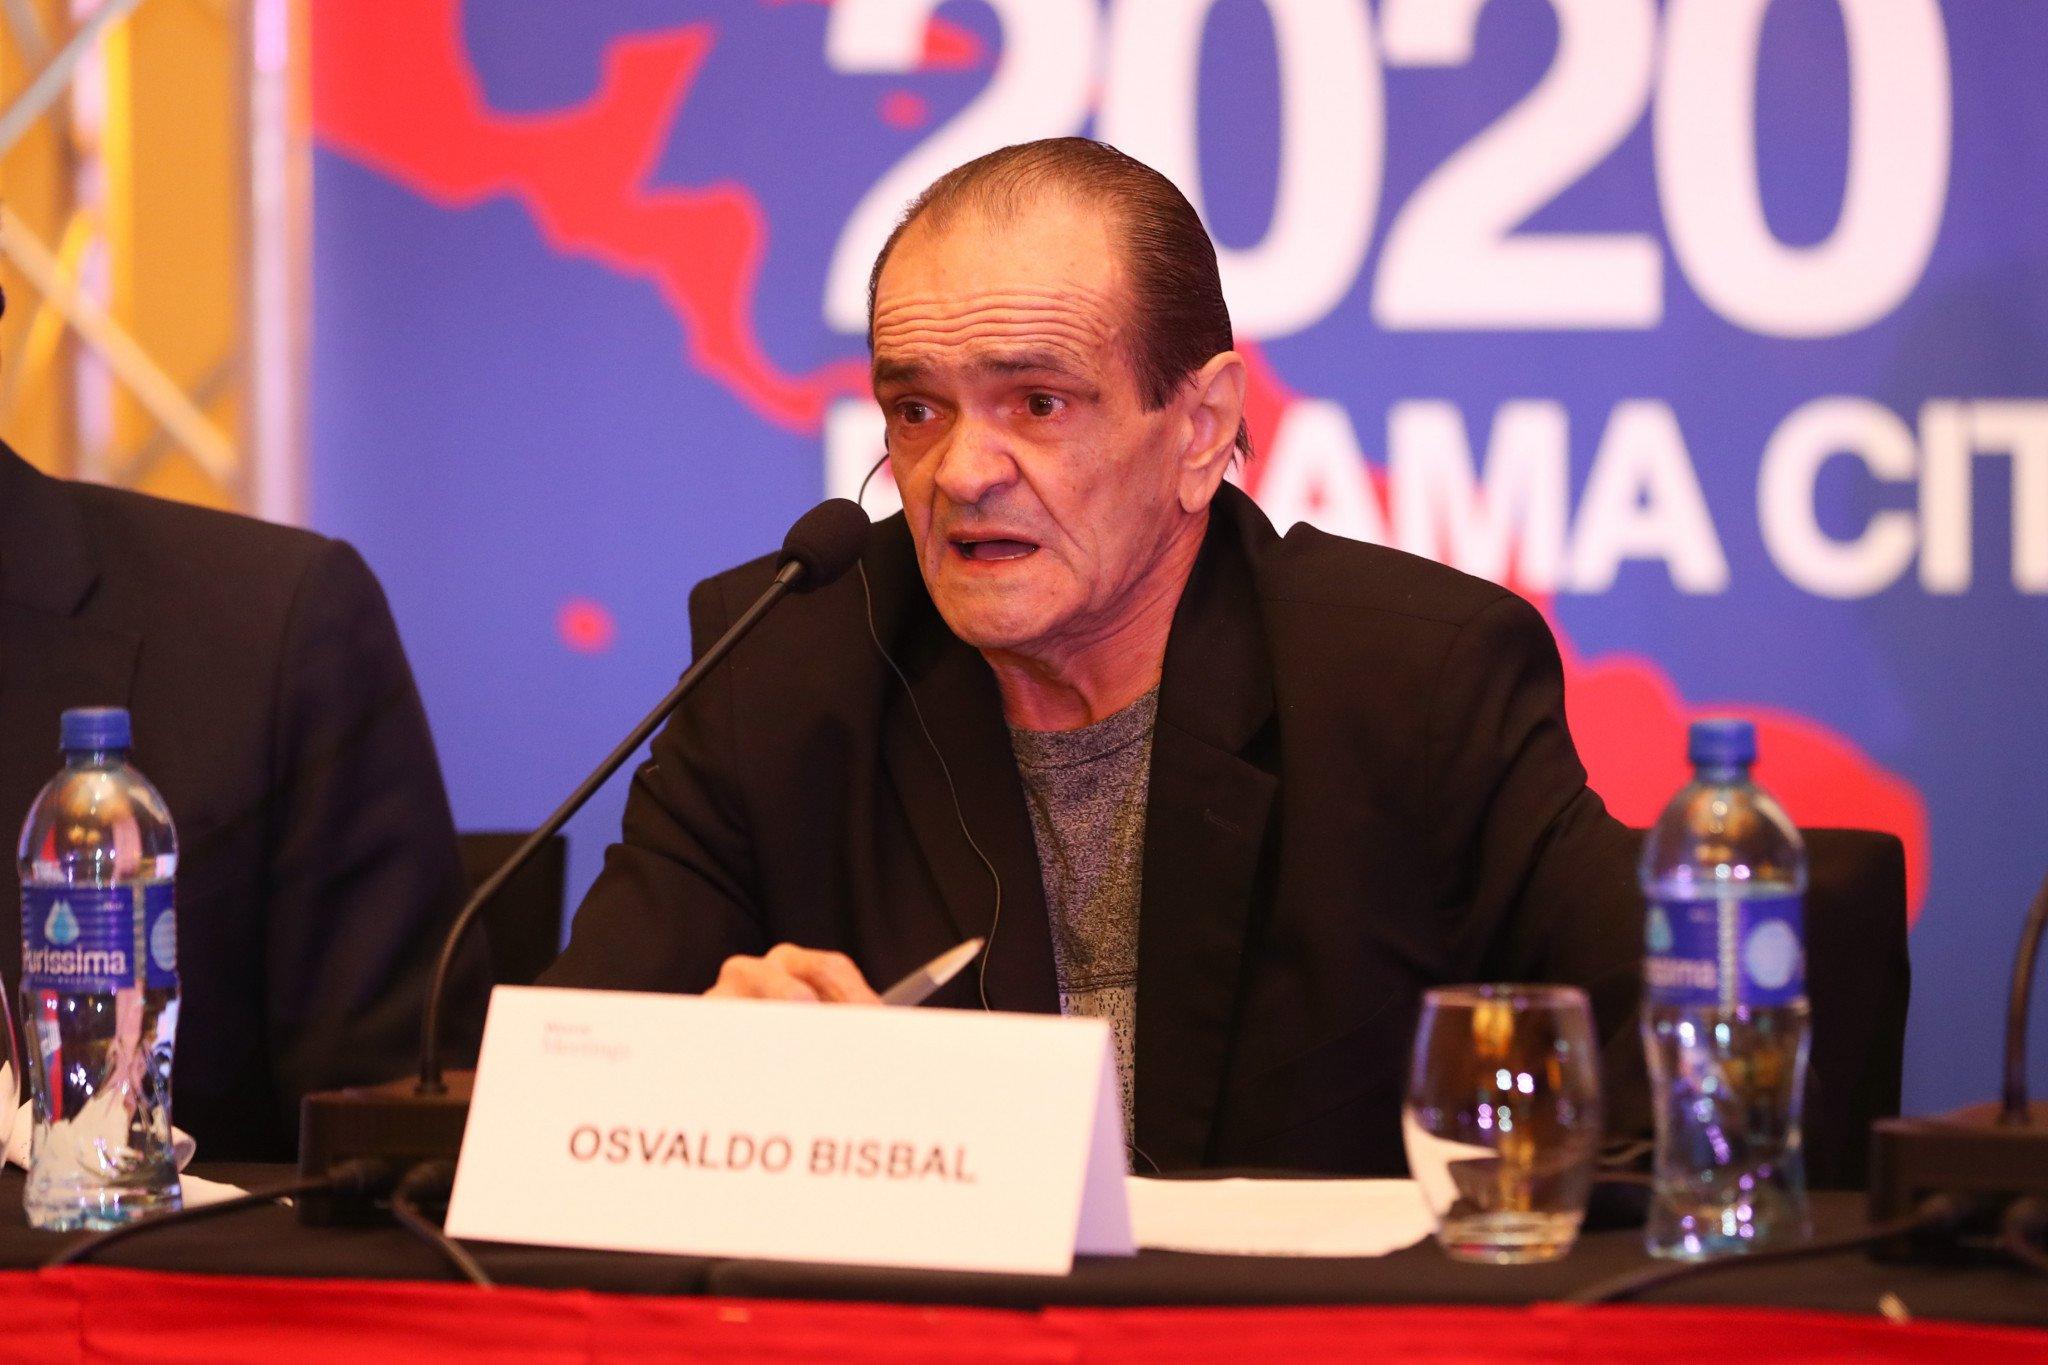 Presidente de la Confederación Americana de Boxeo, Bisbal, renuncia por razones de salud